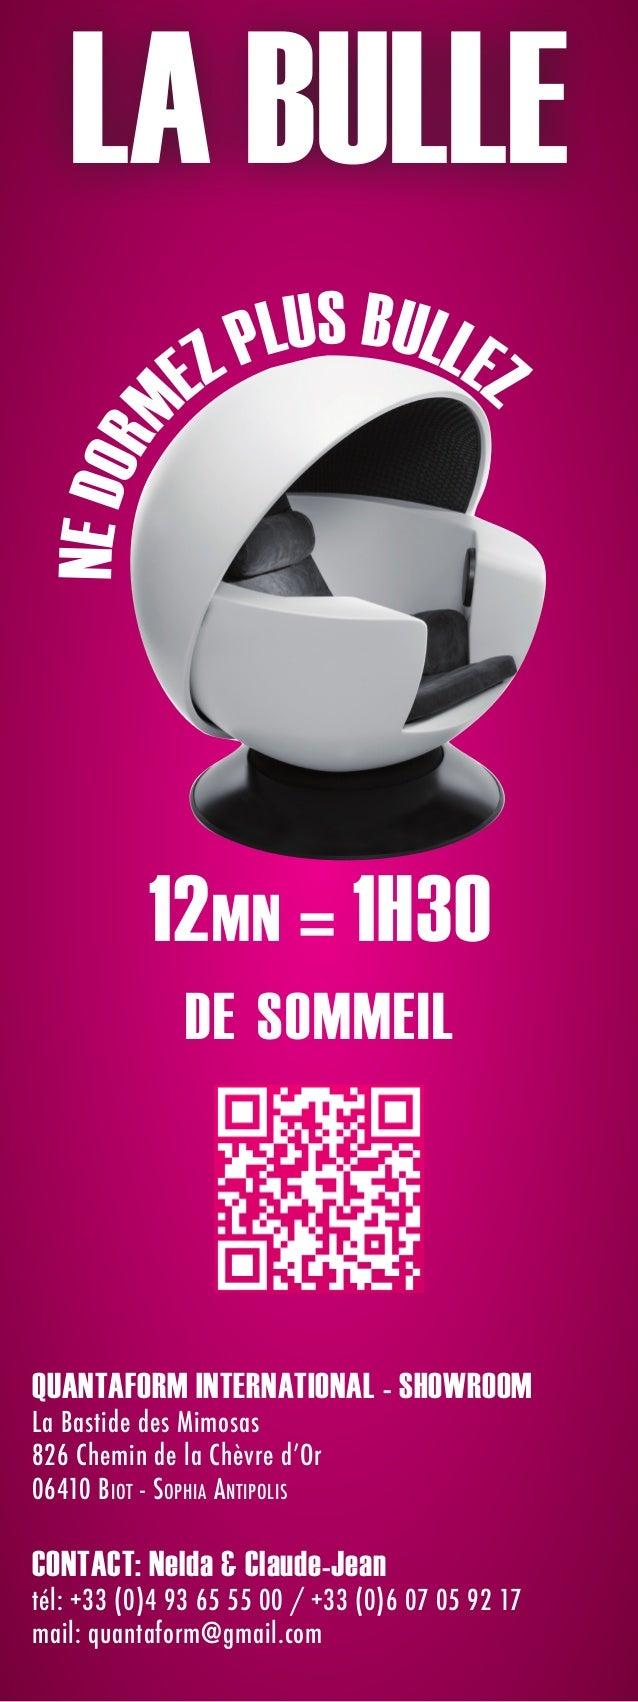 12mn = 1H30 de sommeil NEDORM EZ PLUS BULLEZ QUANTAFORM INTERNATIONAL - SHOWROOM La Bastide des Mimosas 826 Chemin de la C...